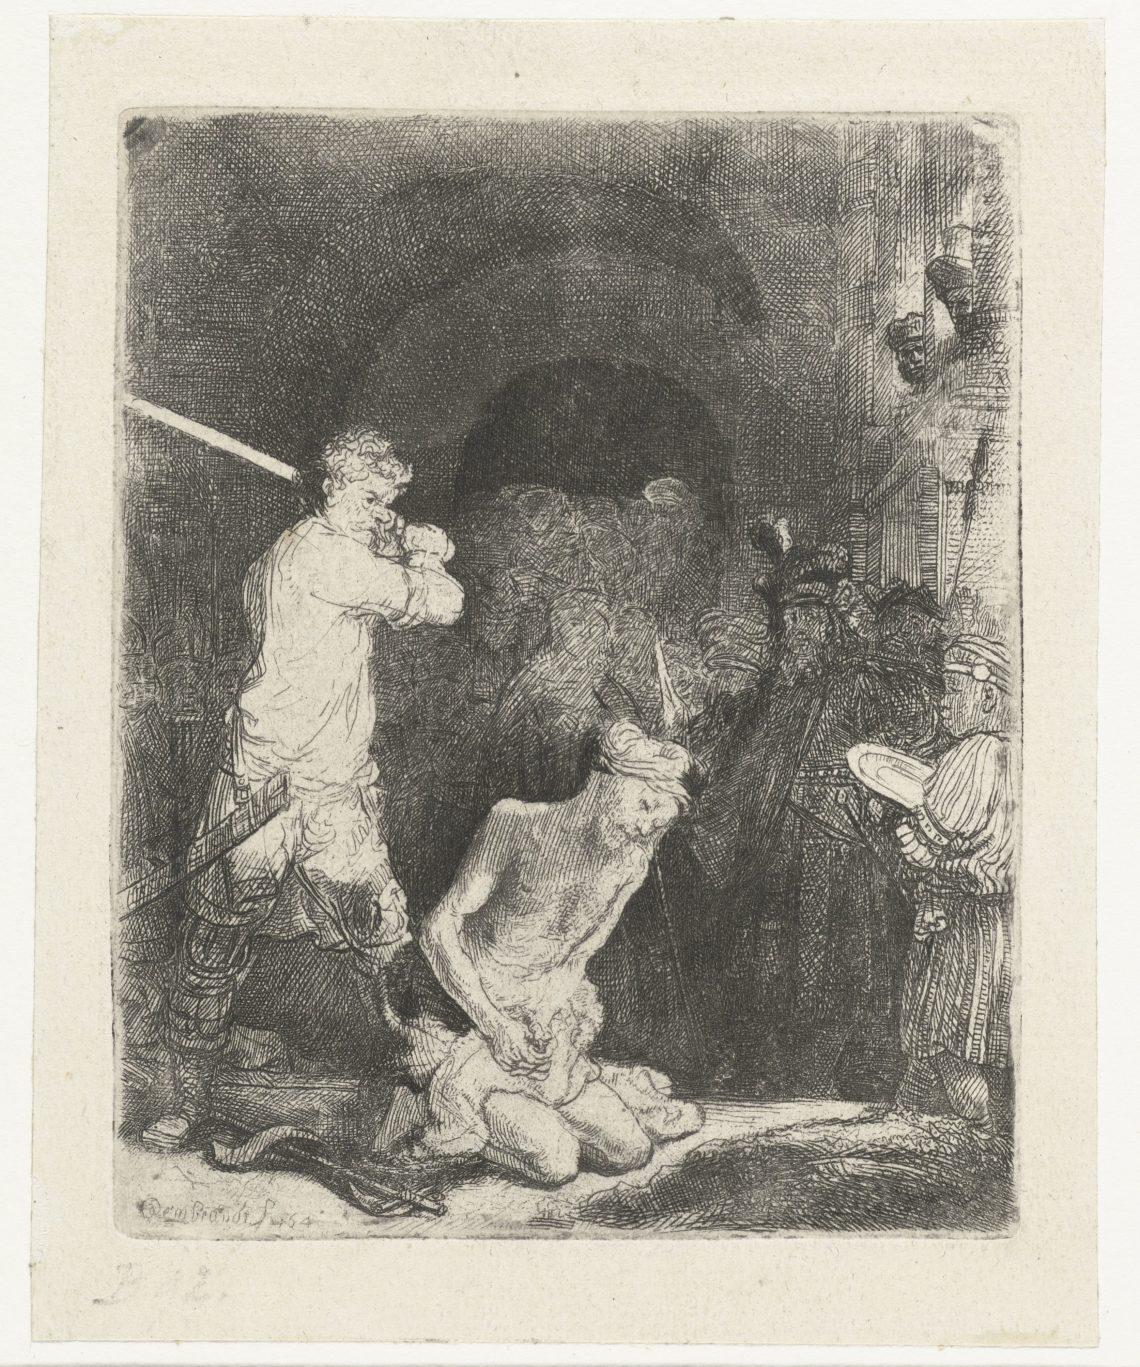 Foto van ets 'De onthoofding van Johannes de Doper' door Rembrandt van Rijn.